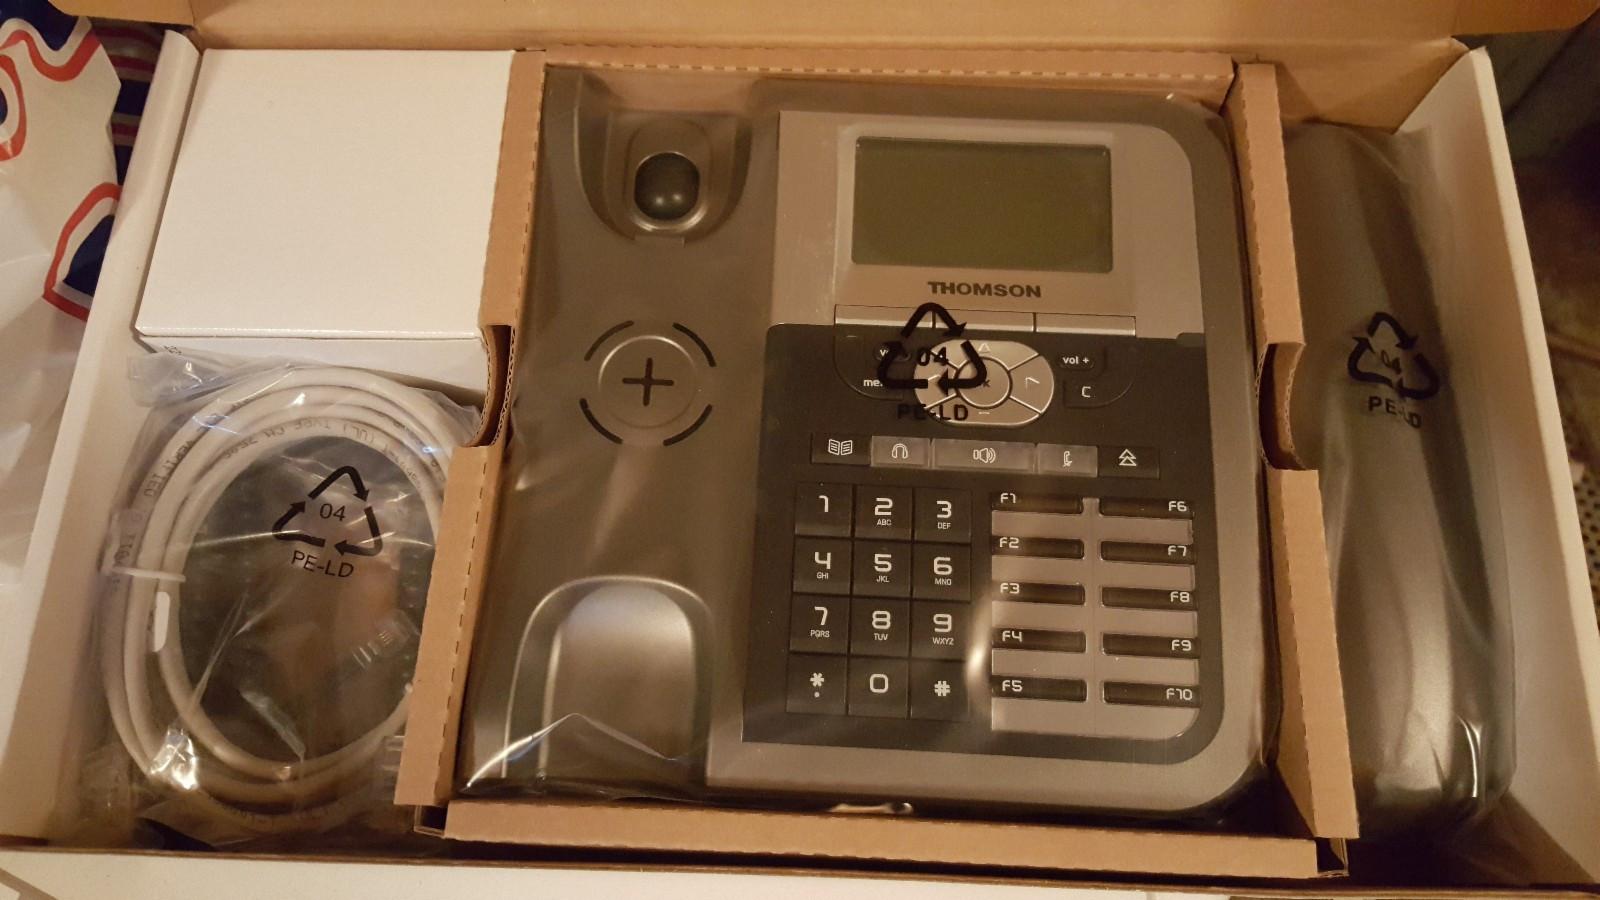 Thomson ST2030 - Oslo  - Selger 2 Thomson ST2030, helt nye IP telefoner. Kr. 300 per stk. Tar du begge, går de for 500 kroner. - Oslo